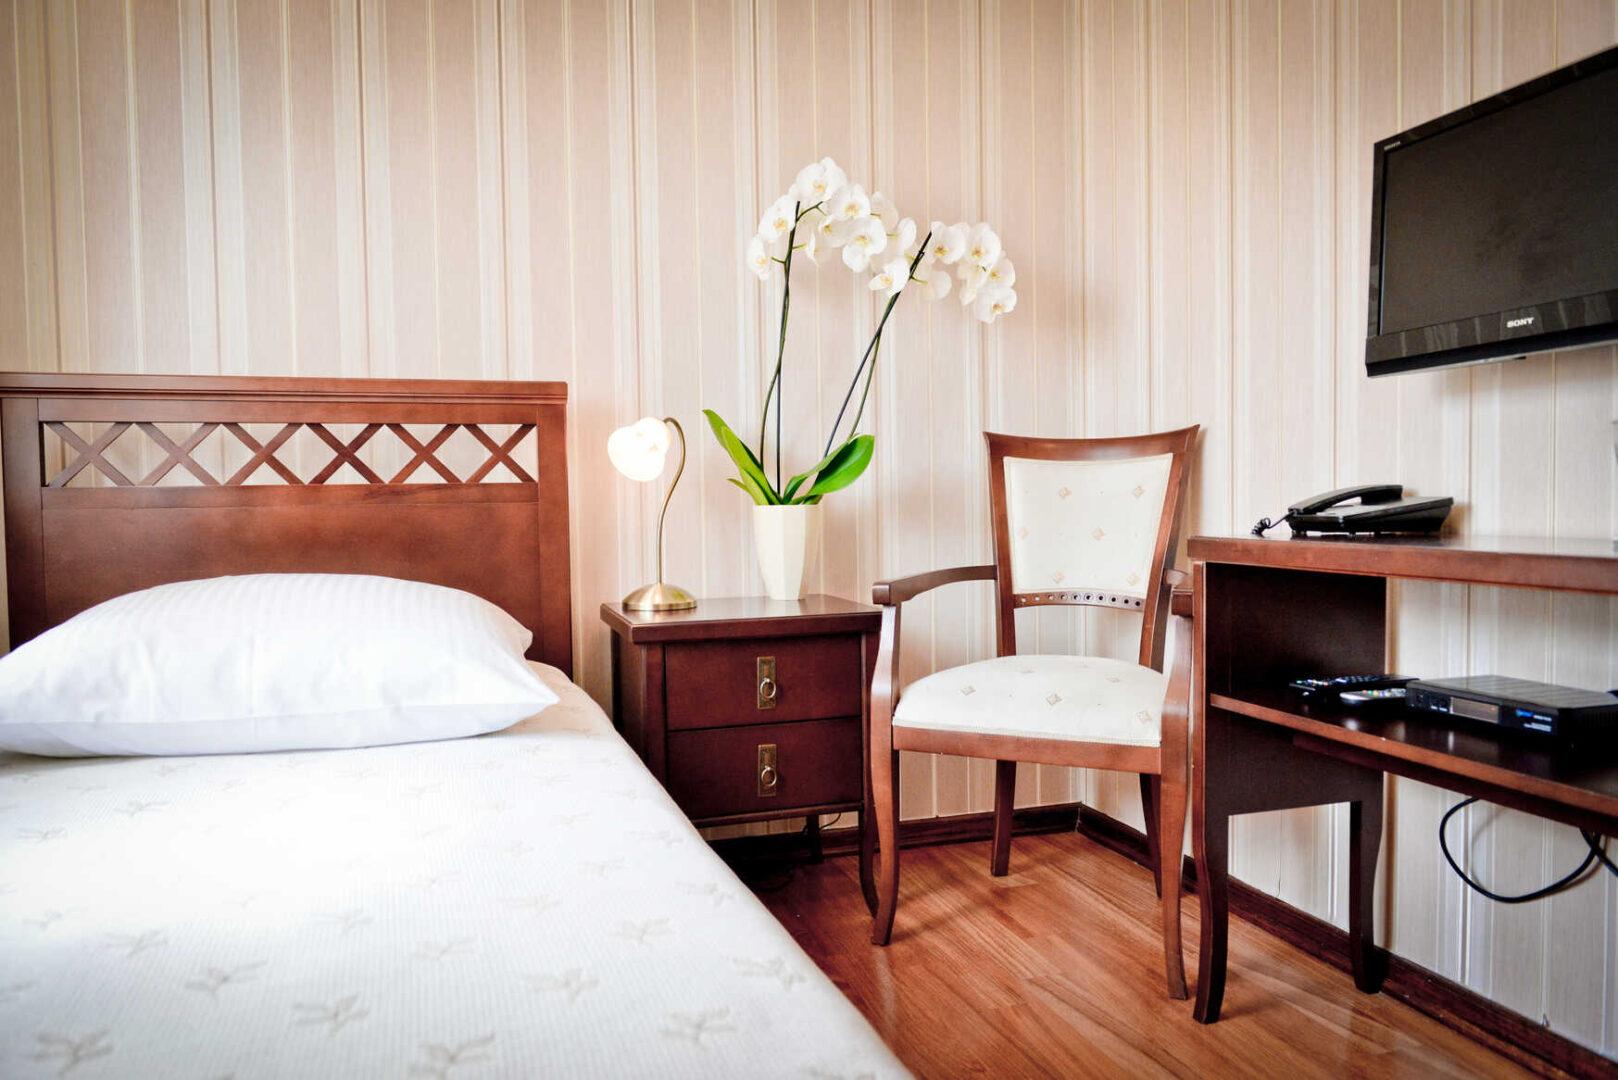 pokój dla jednej osoby w hotelu koloseum turek